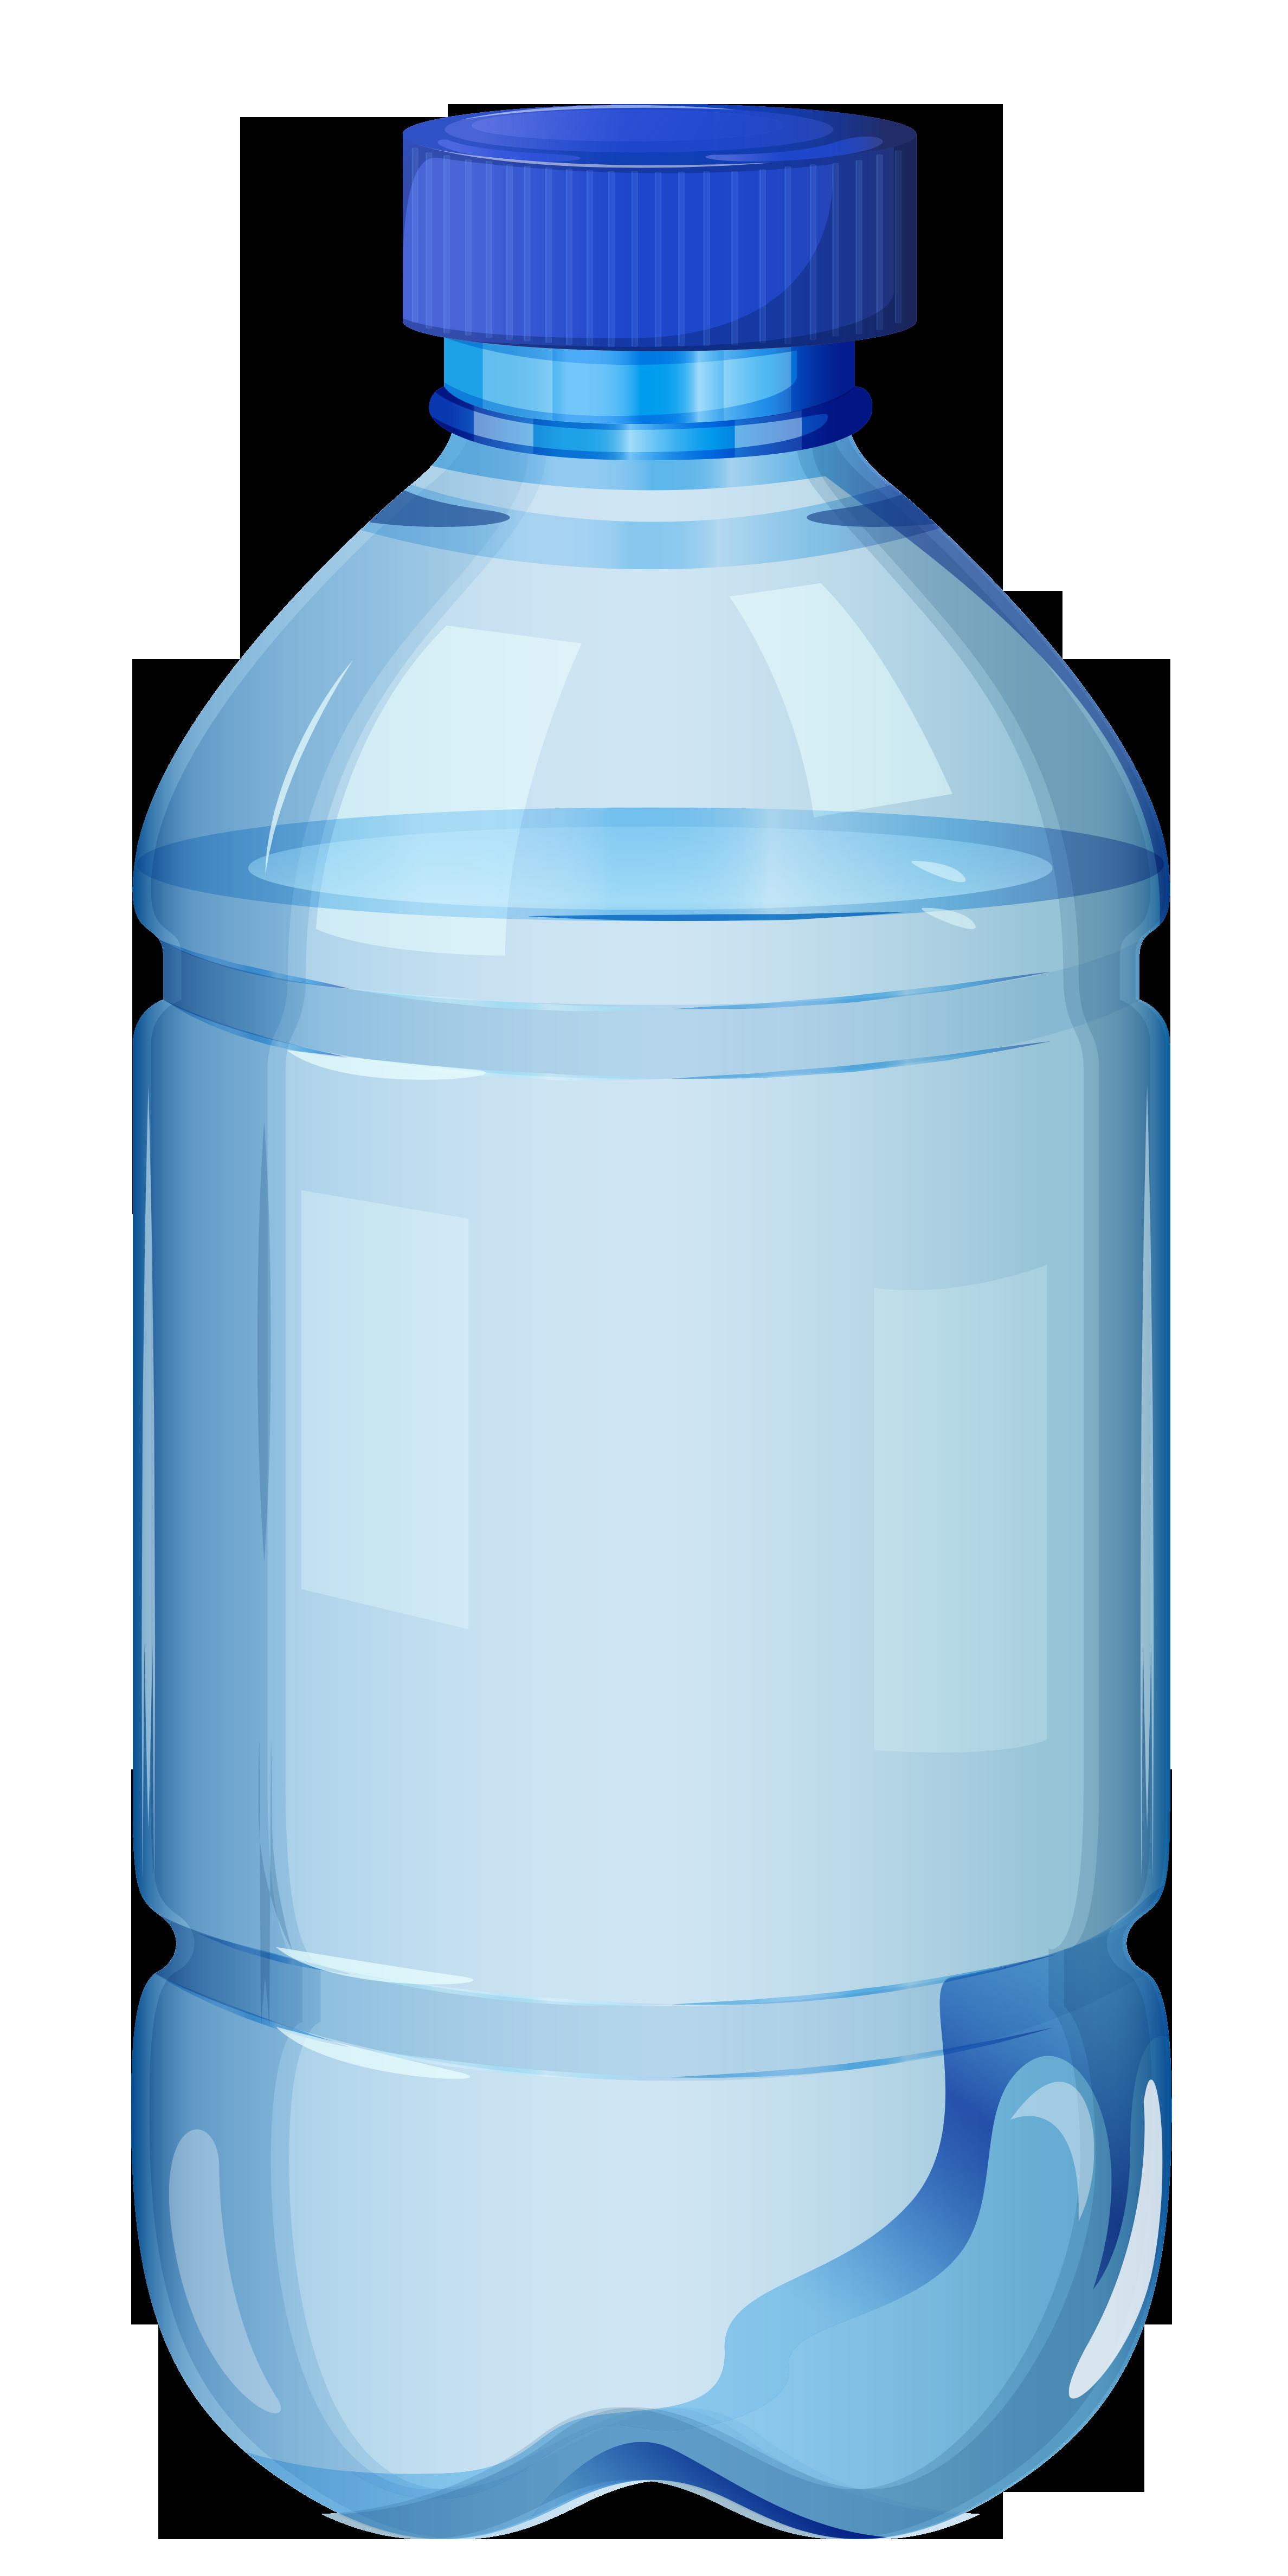 Big Plastic Bottle Clipart